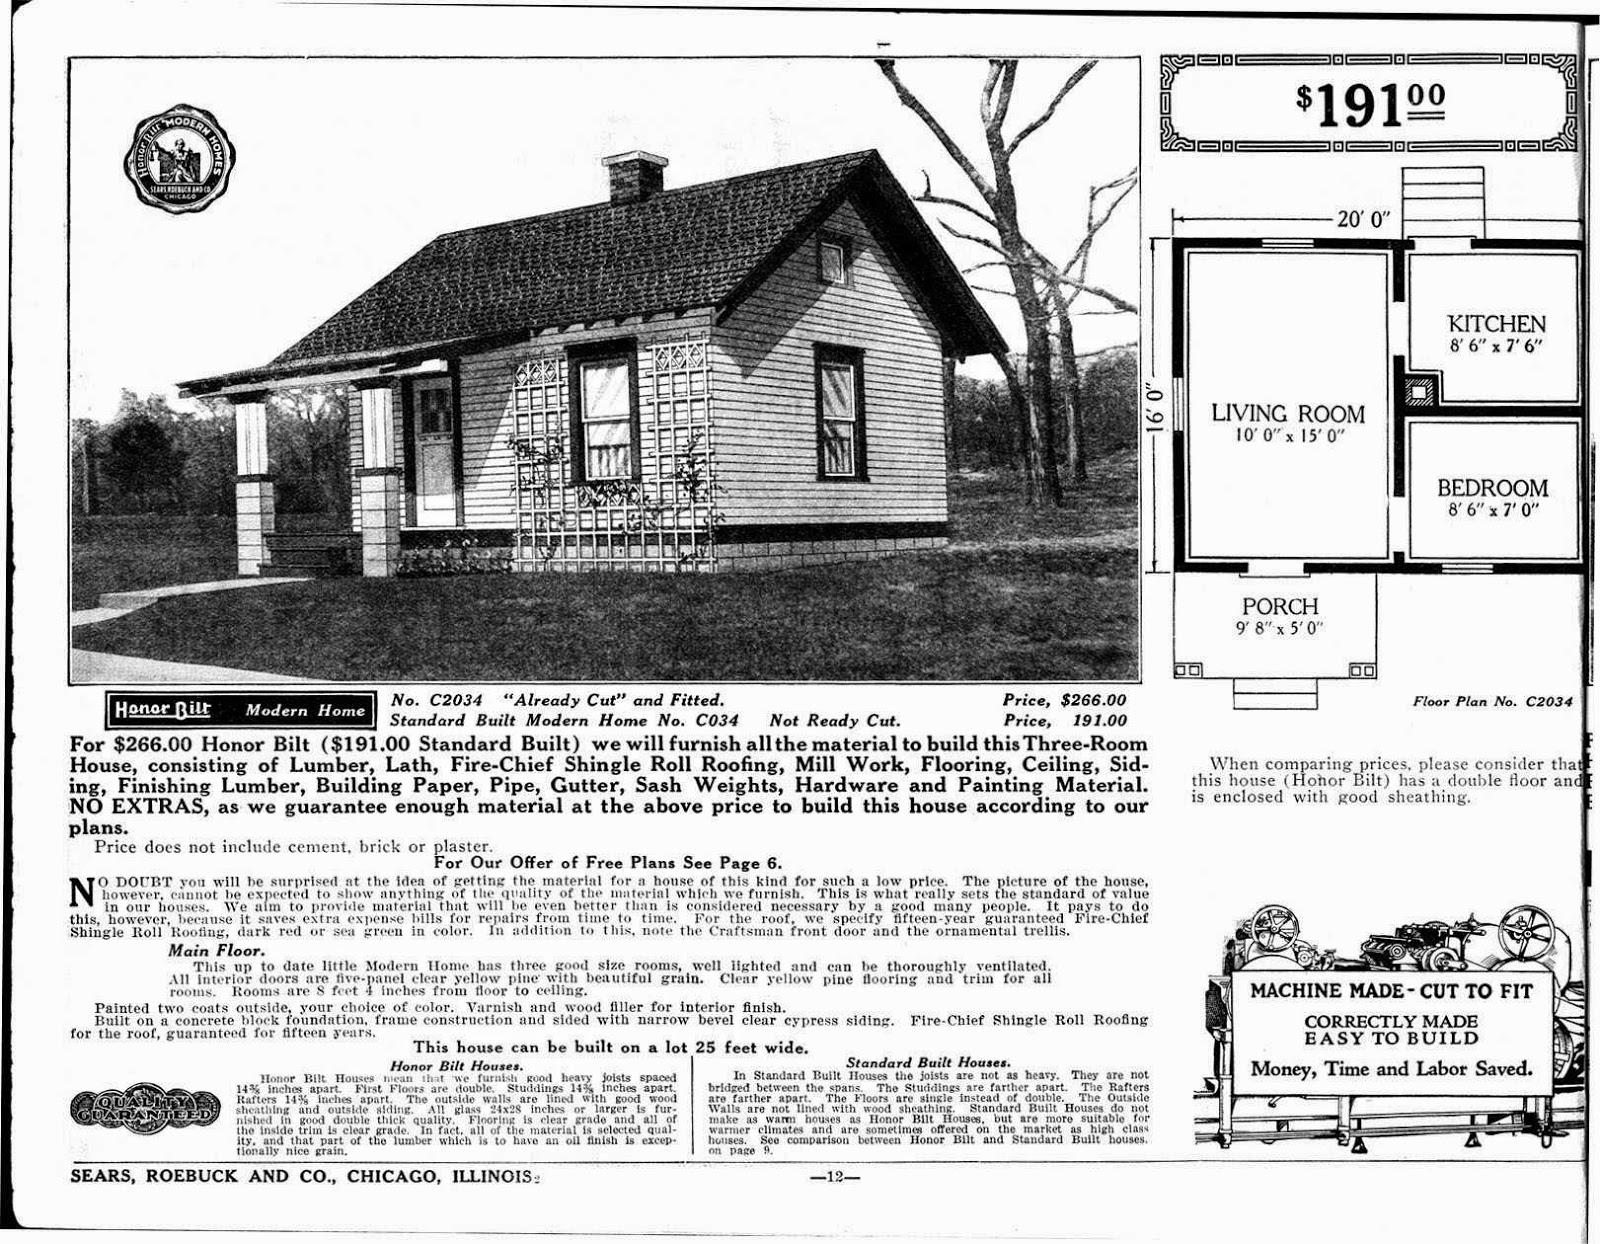 Catálogo casas prefabricadas Sears, Roebuck and Co., modelo económico